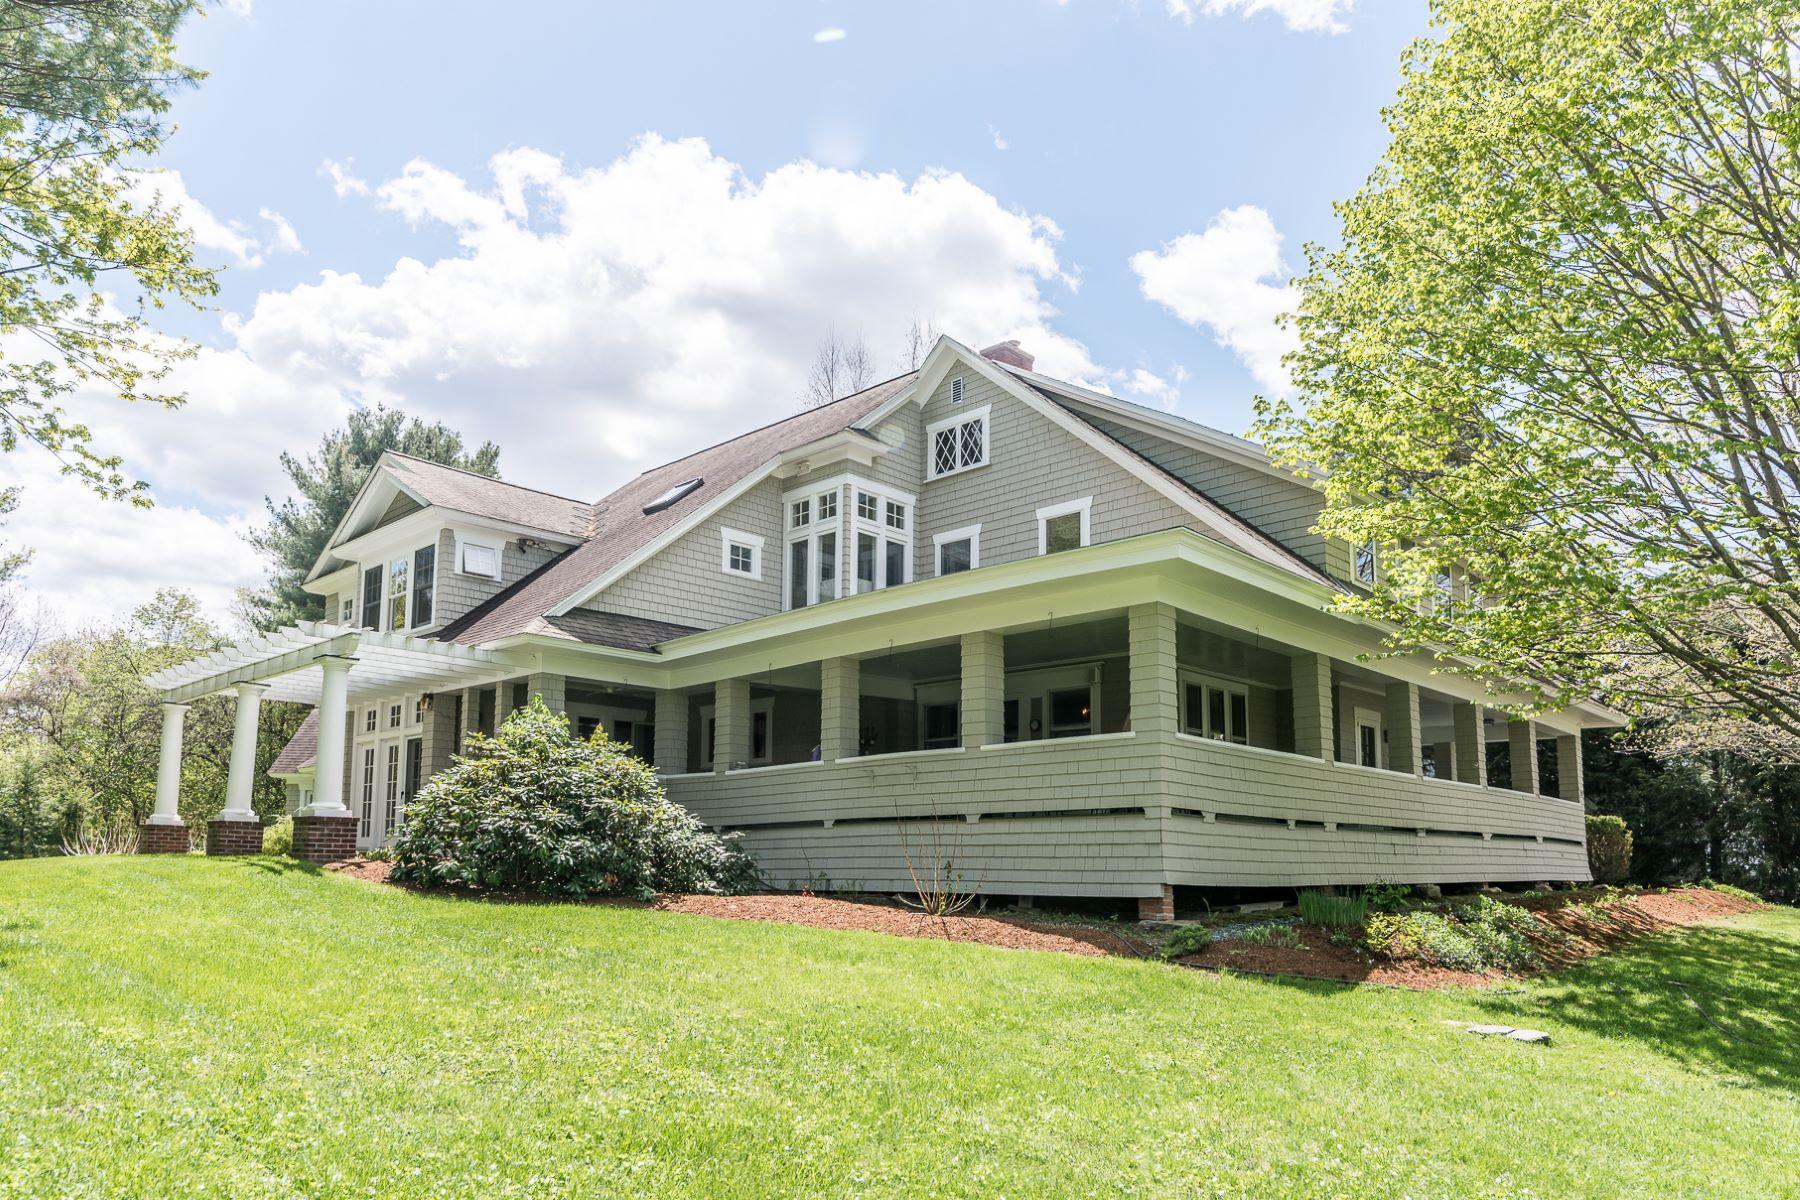 Maison unifamiliale pour l Vente à 17 Rope Ferry Rd, Hanover Hanover, New Hampshire, 03755 États-Unis